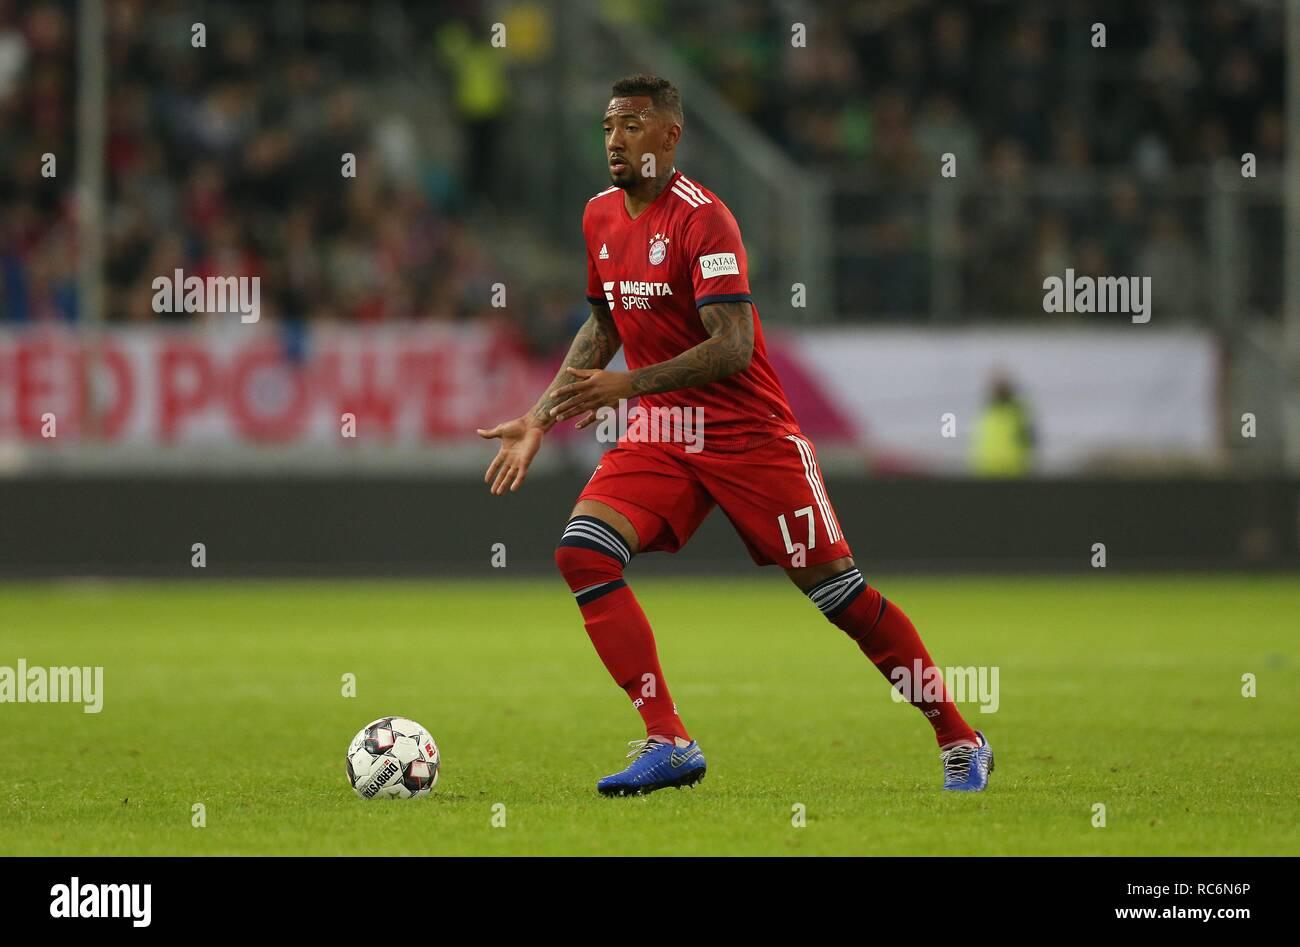 firo: 13.01.2019, football, 1.Bundesliga, season 2018/2019, Telekom-Cup 2019, FC Bayern Munich, Jerome BOATENG, single action   usage worldwide - Stock Image